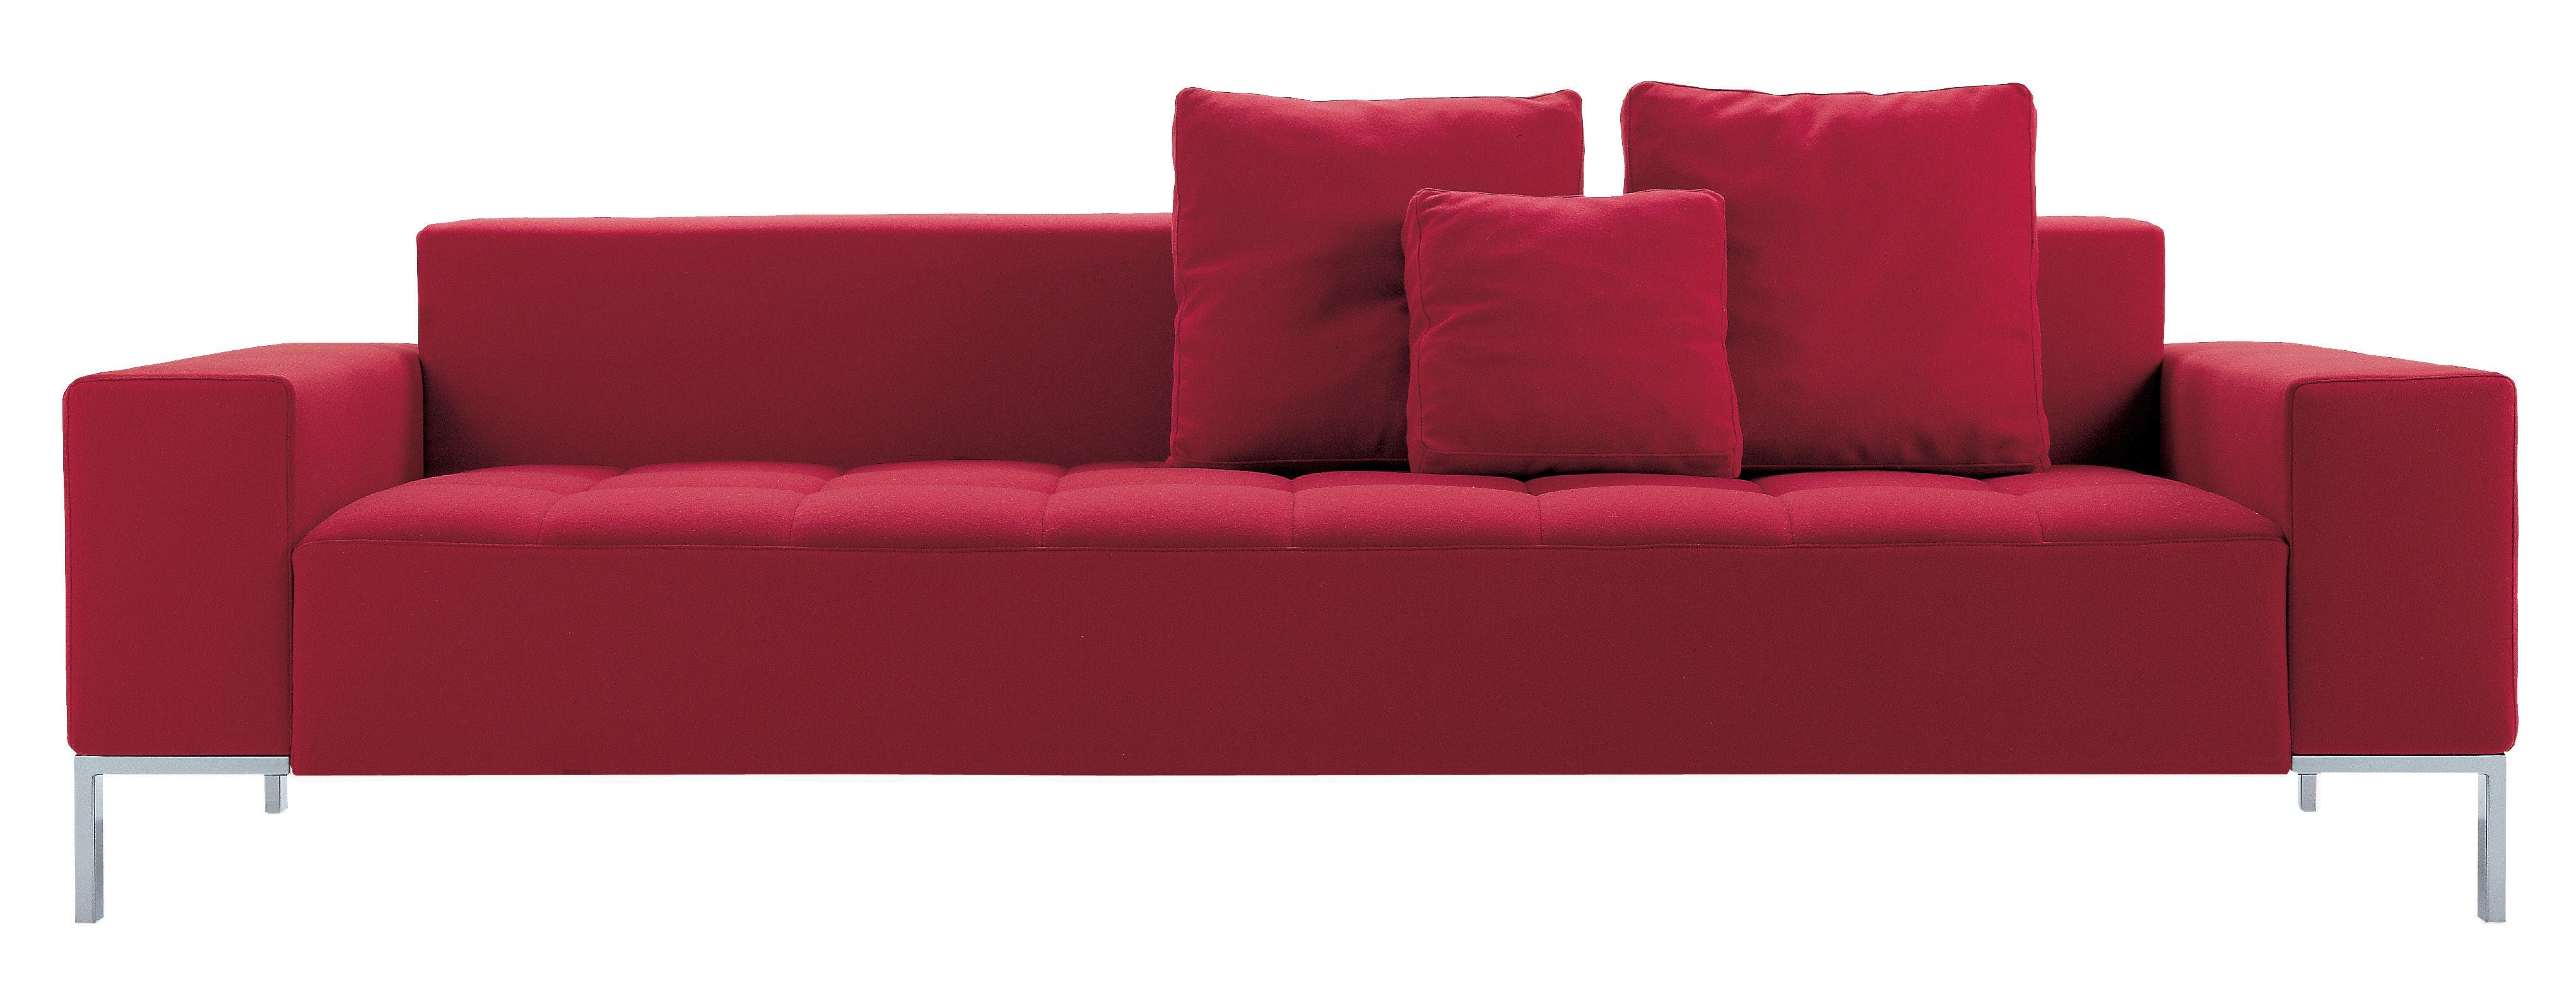 Scopri divano destro alfa 3 posti tessuto rosso di for Divano zanotta usato